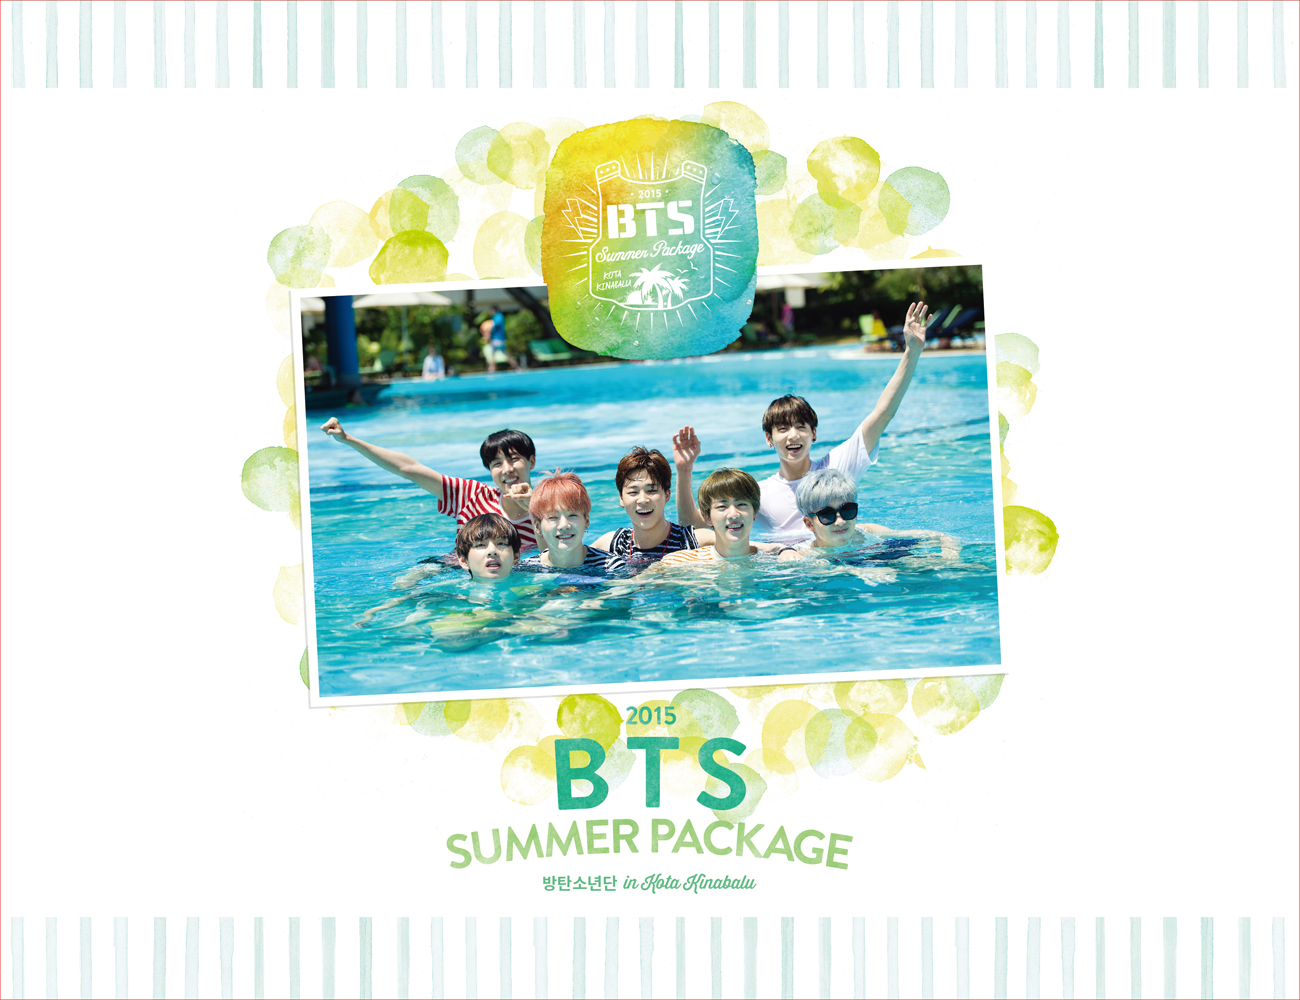 BTS - SUMMER PACKAGE in KOTA KINABALU 2015